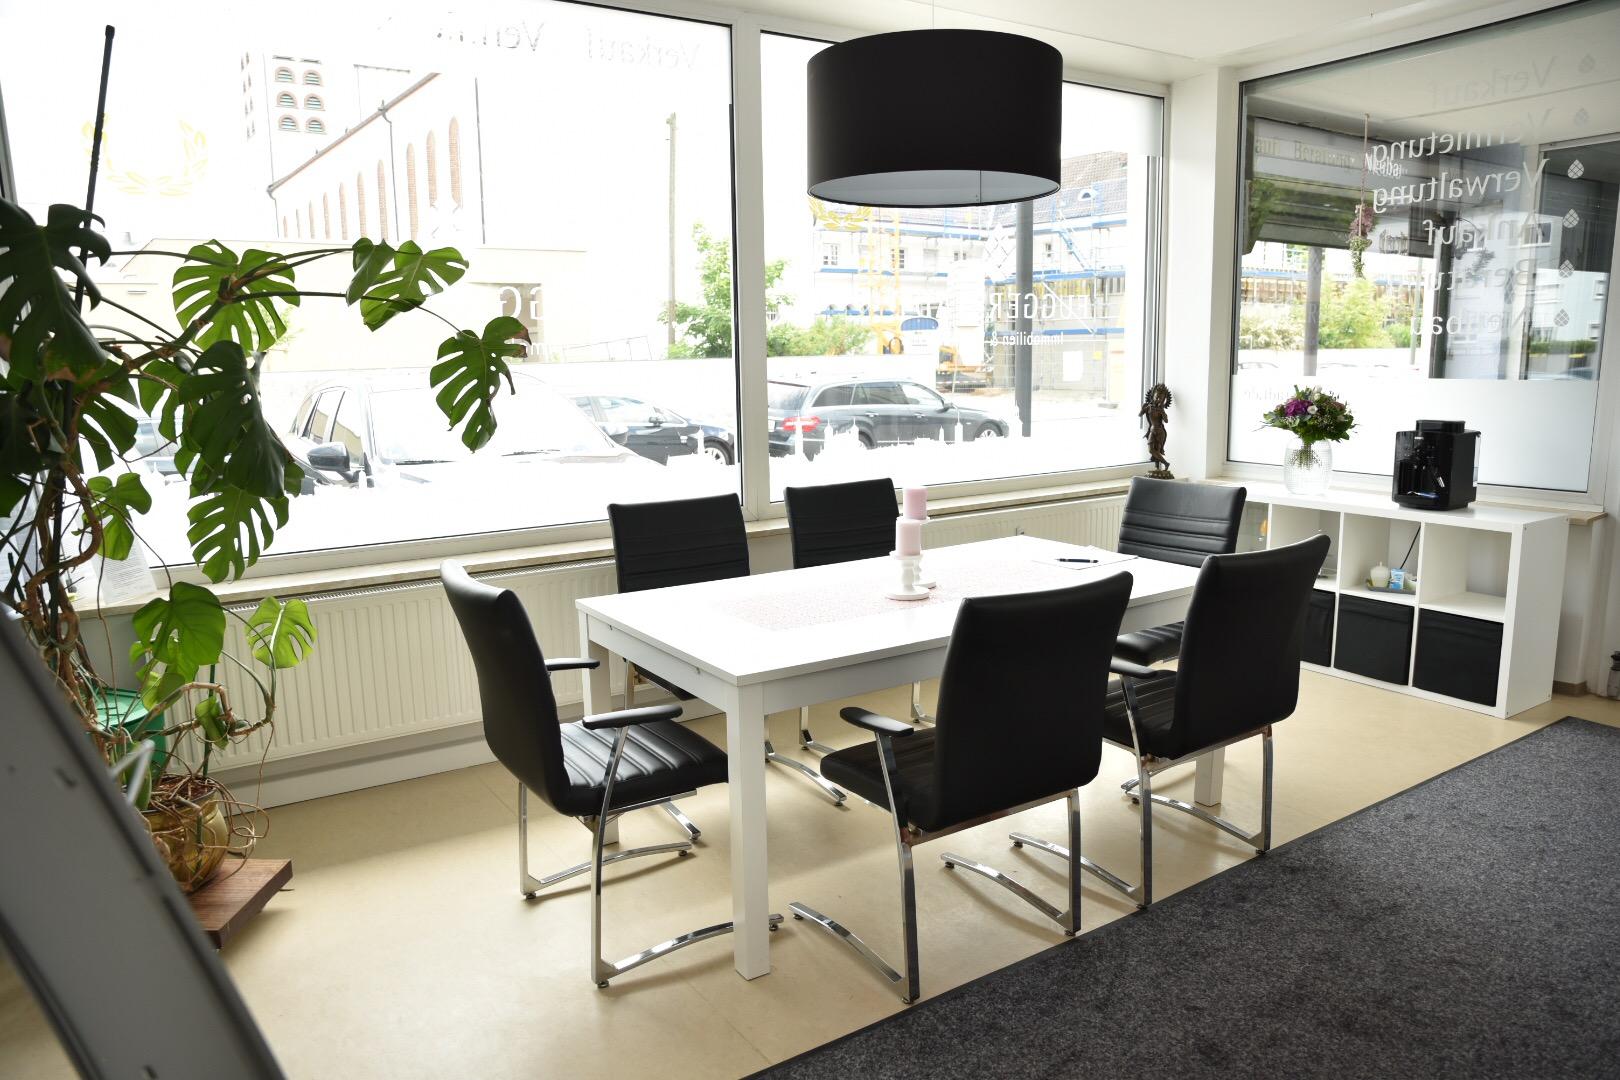 Maklerbüro in Augsburg